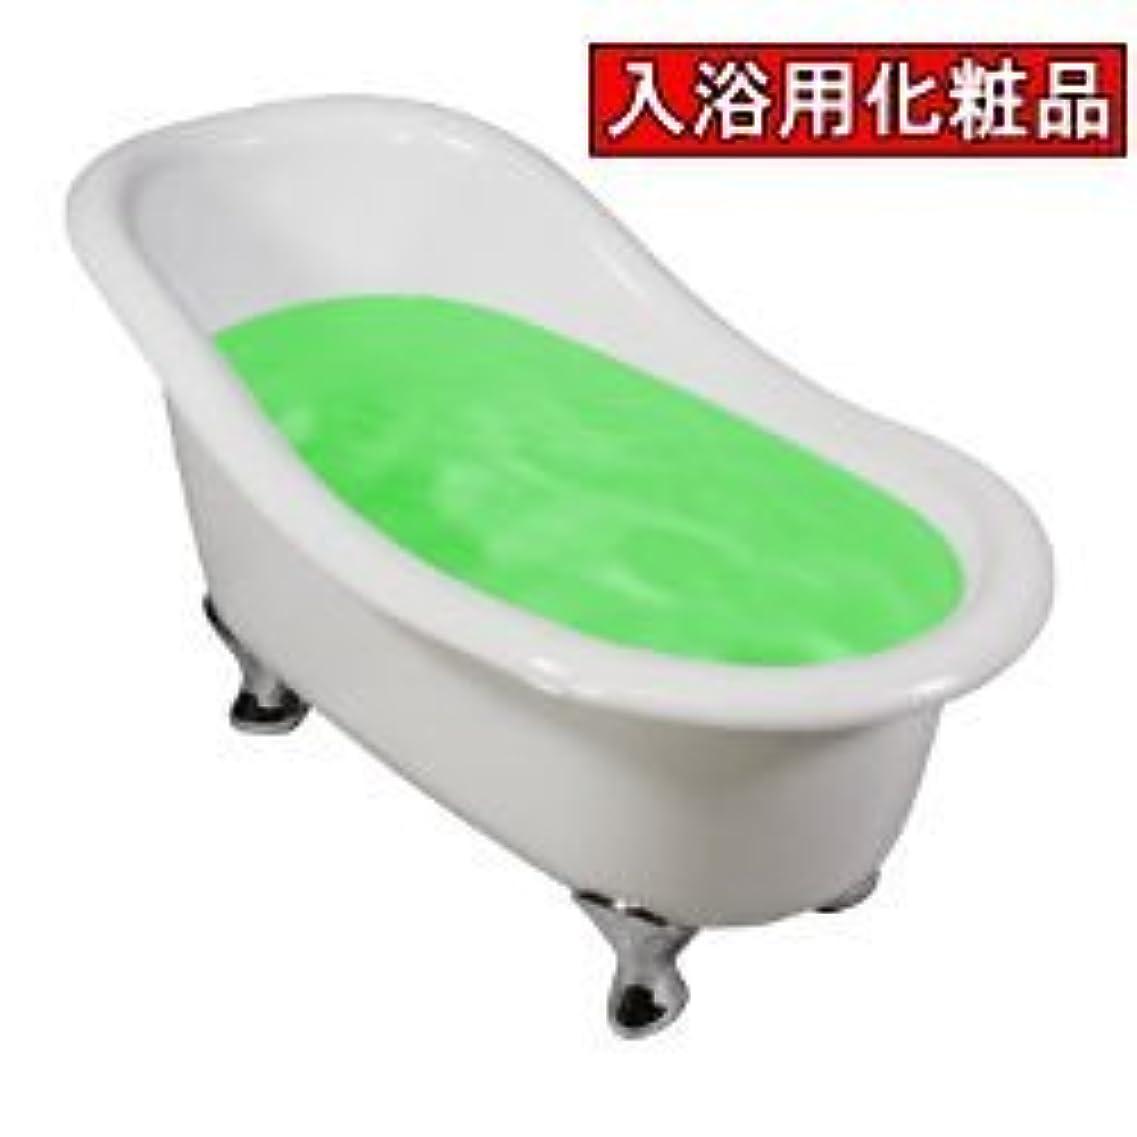 業務用入浴剤イヴタス ヒアルロン酸 17kg 業務用サイズ